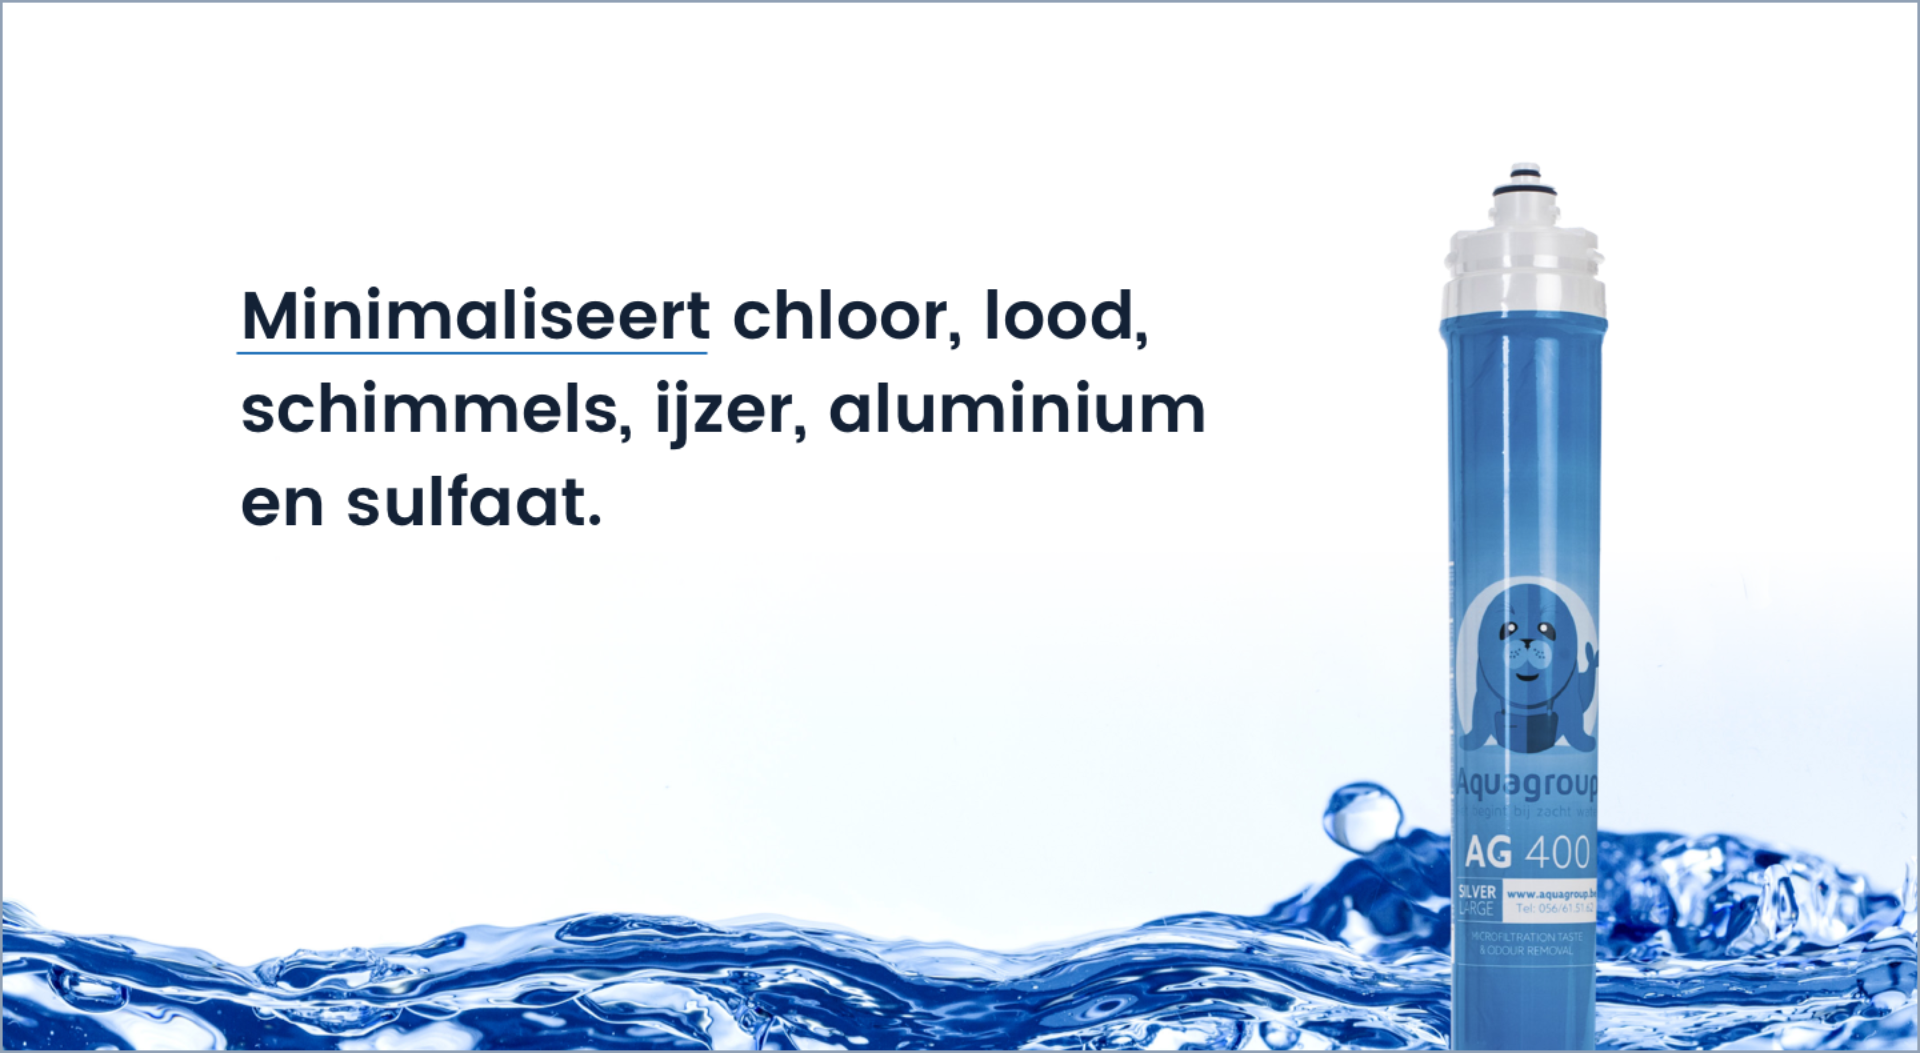 De drinkwaterfilter minimaliseert chloor, lood, schimmels, ijzer, aluminium en sulfaat.